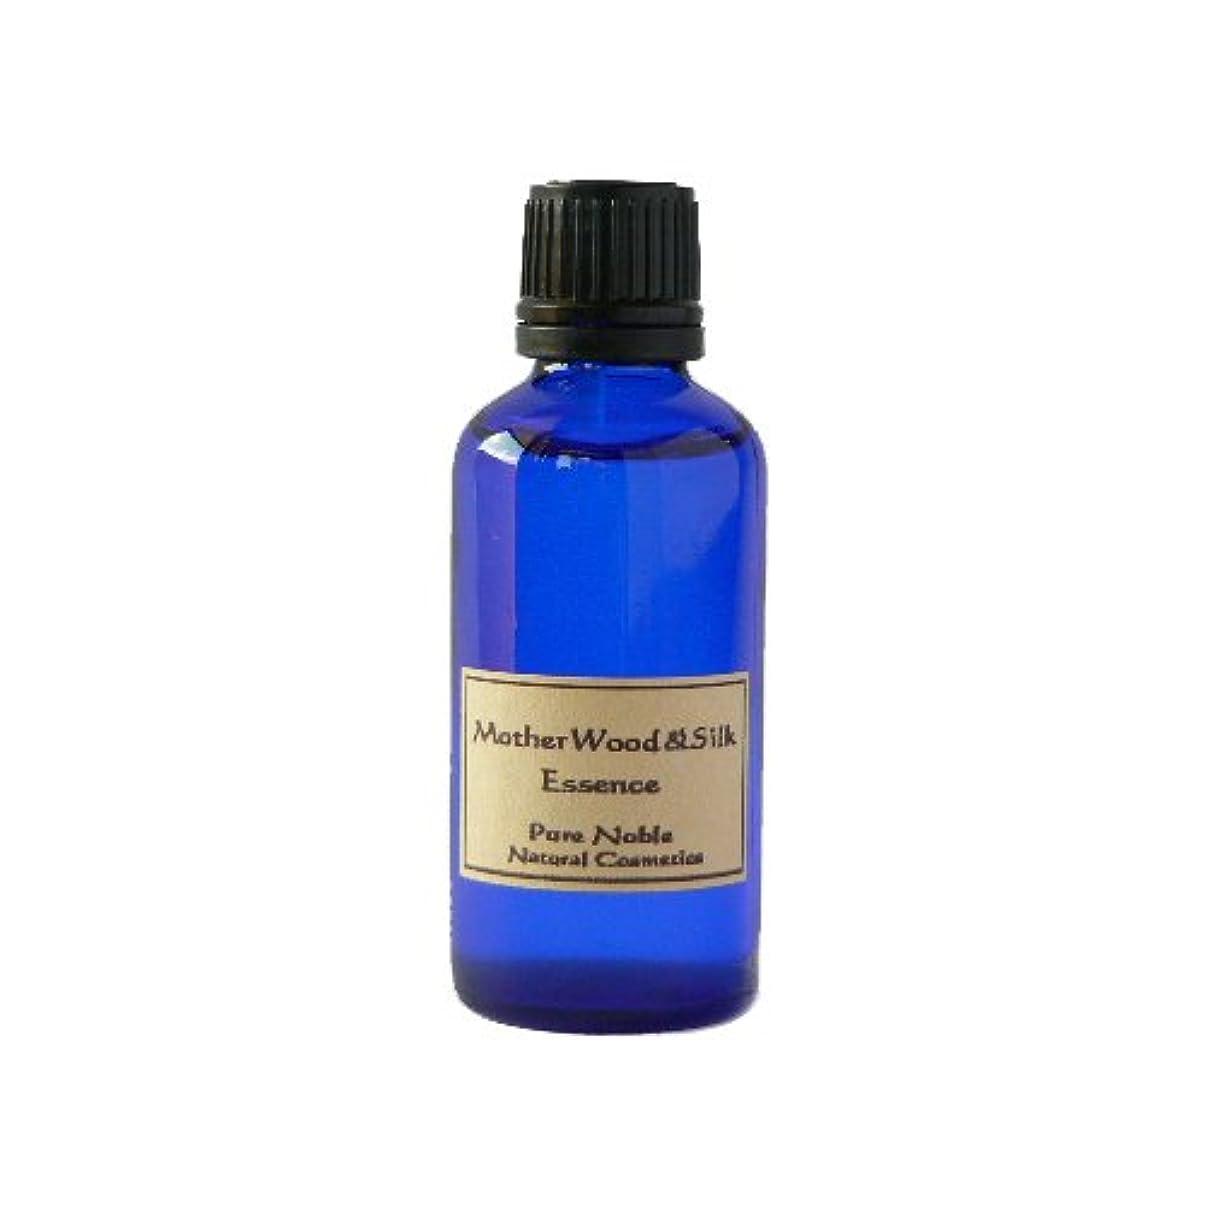 植物性コラーゲンたっぷり!白樺樹液と有機ハーブの無添加美容液 マザーウッド&シルクエッセンス 50ml